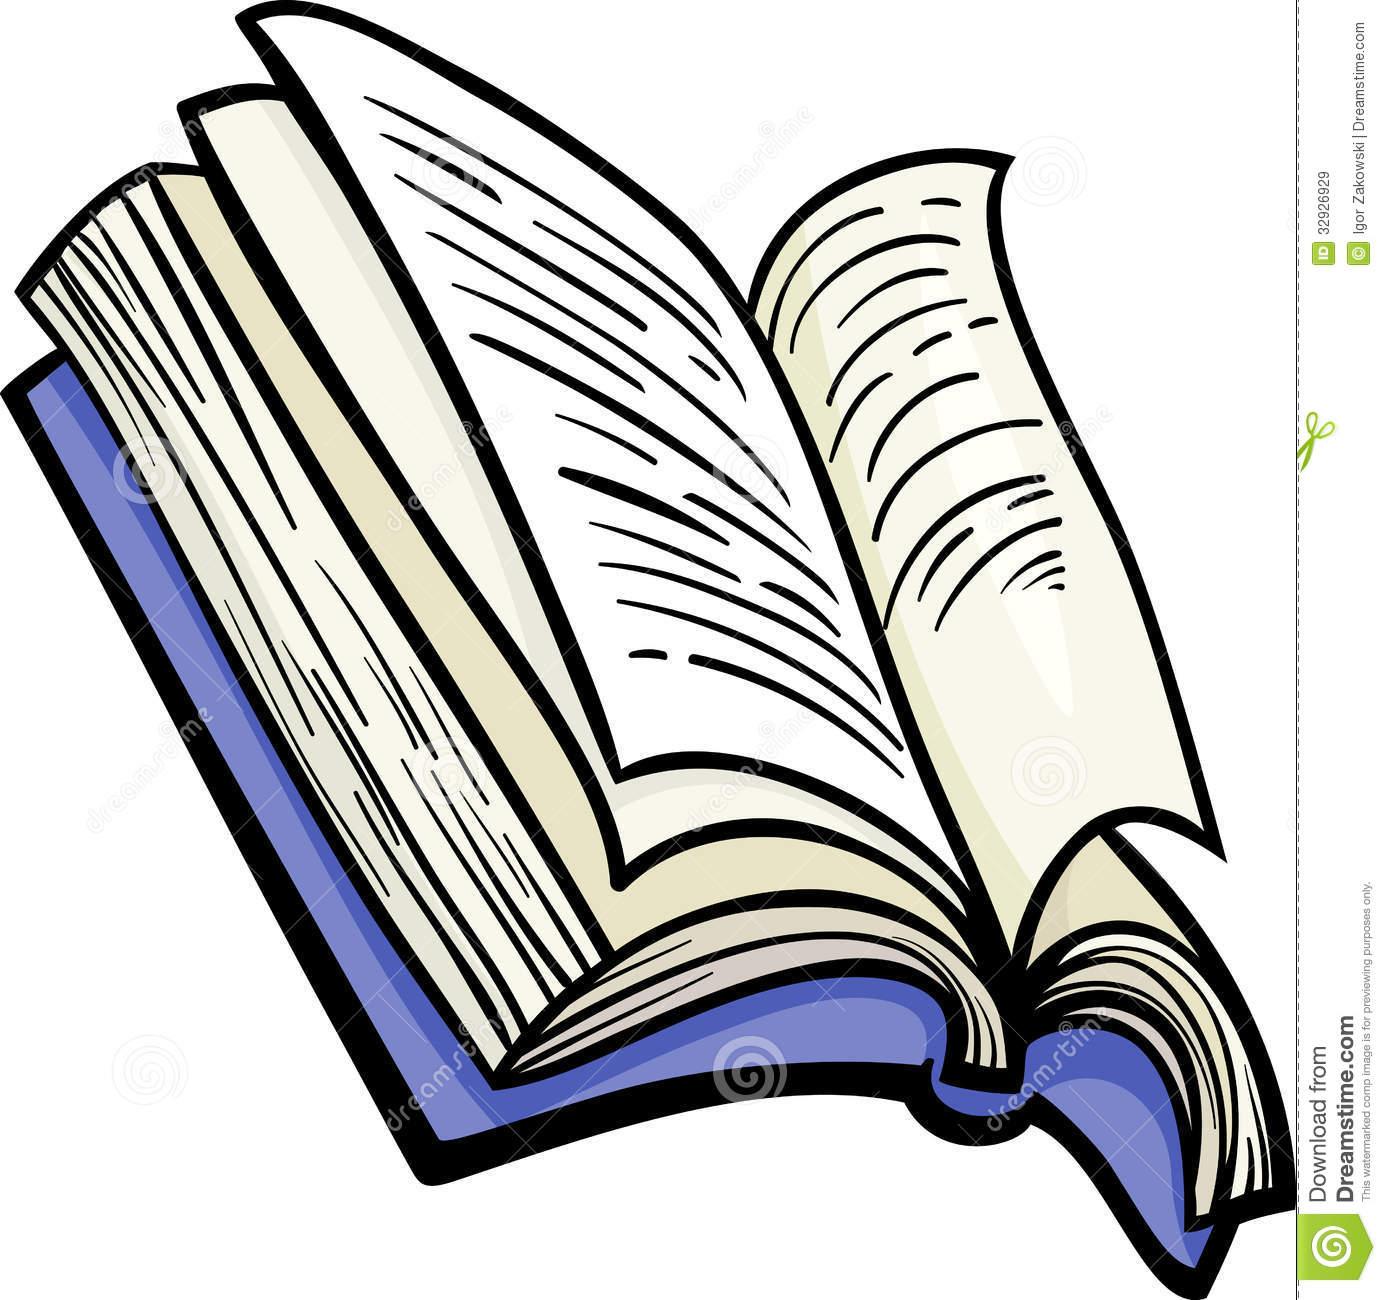 1386x1300 Cartoon Book Clipart